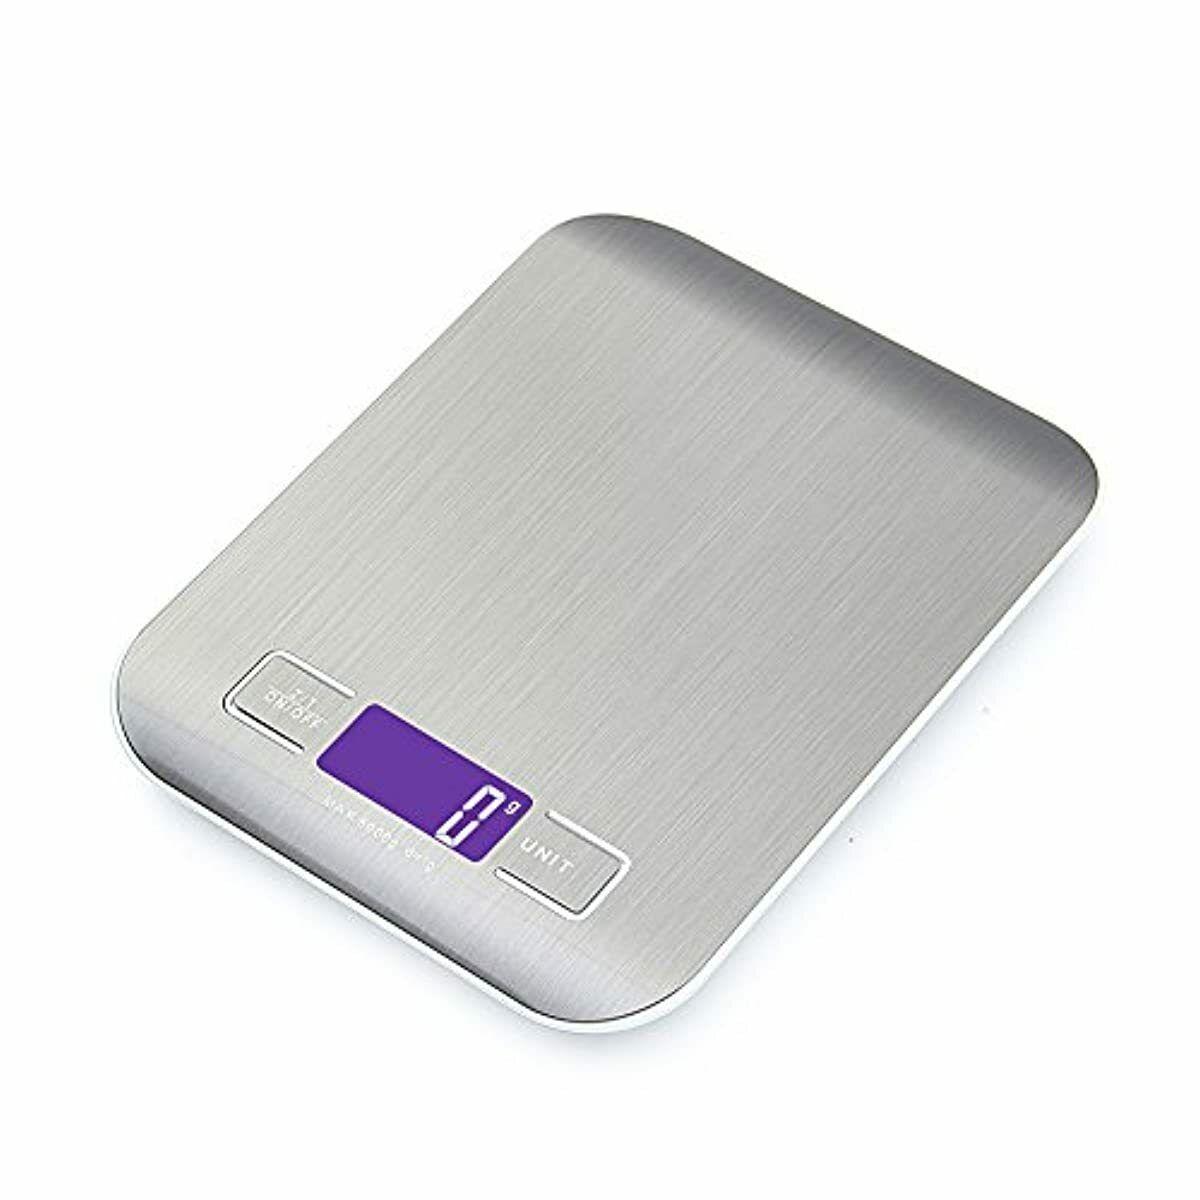 GPISEN Bilancia da Cucina Smart Digitale con Funzione Tare,5kg/11 lbs Profession